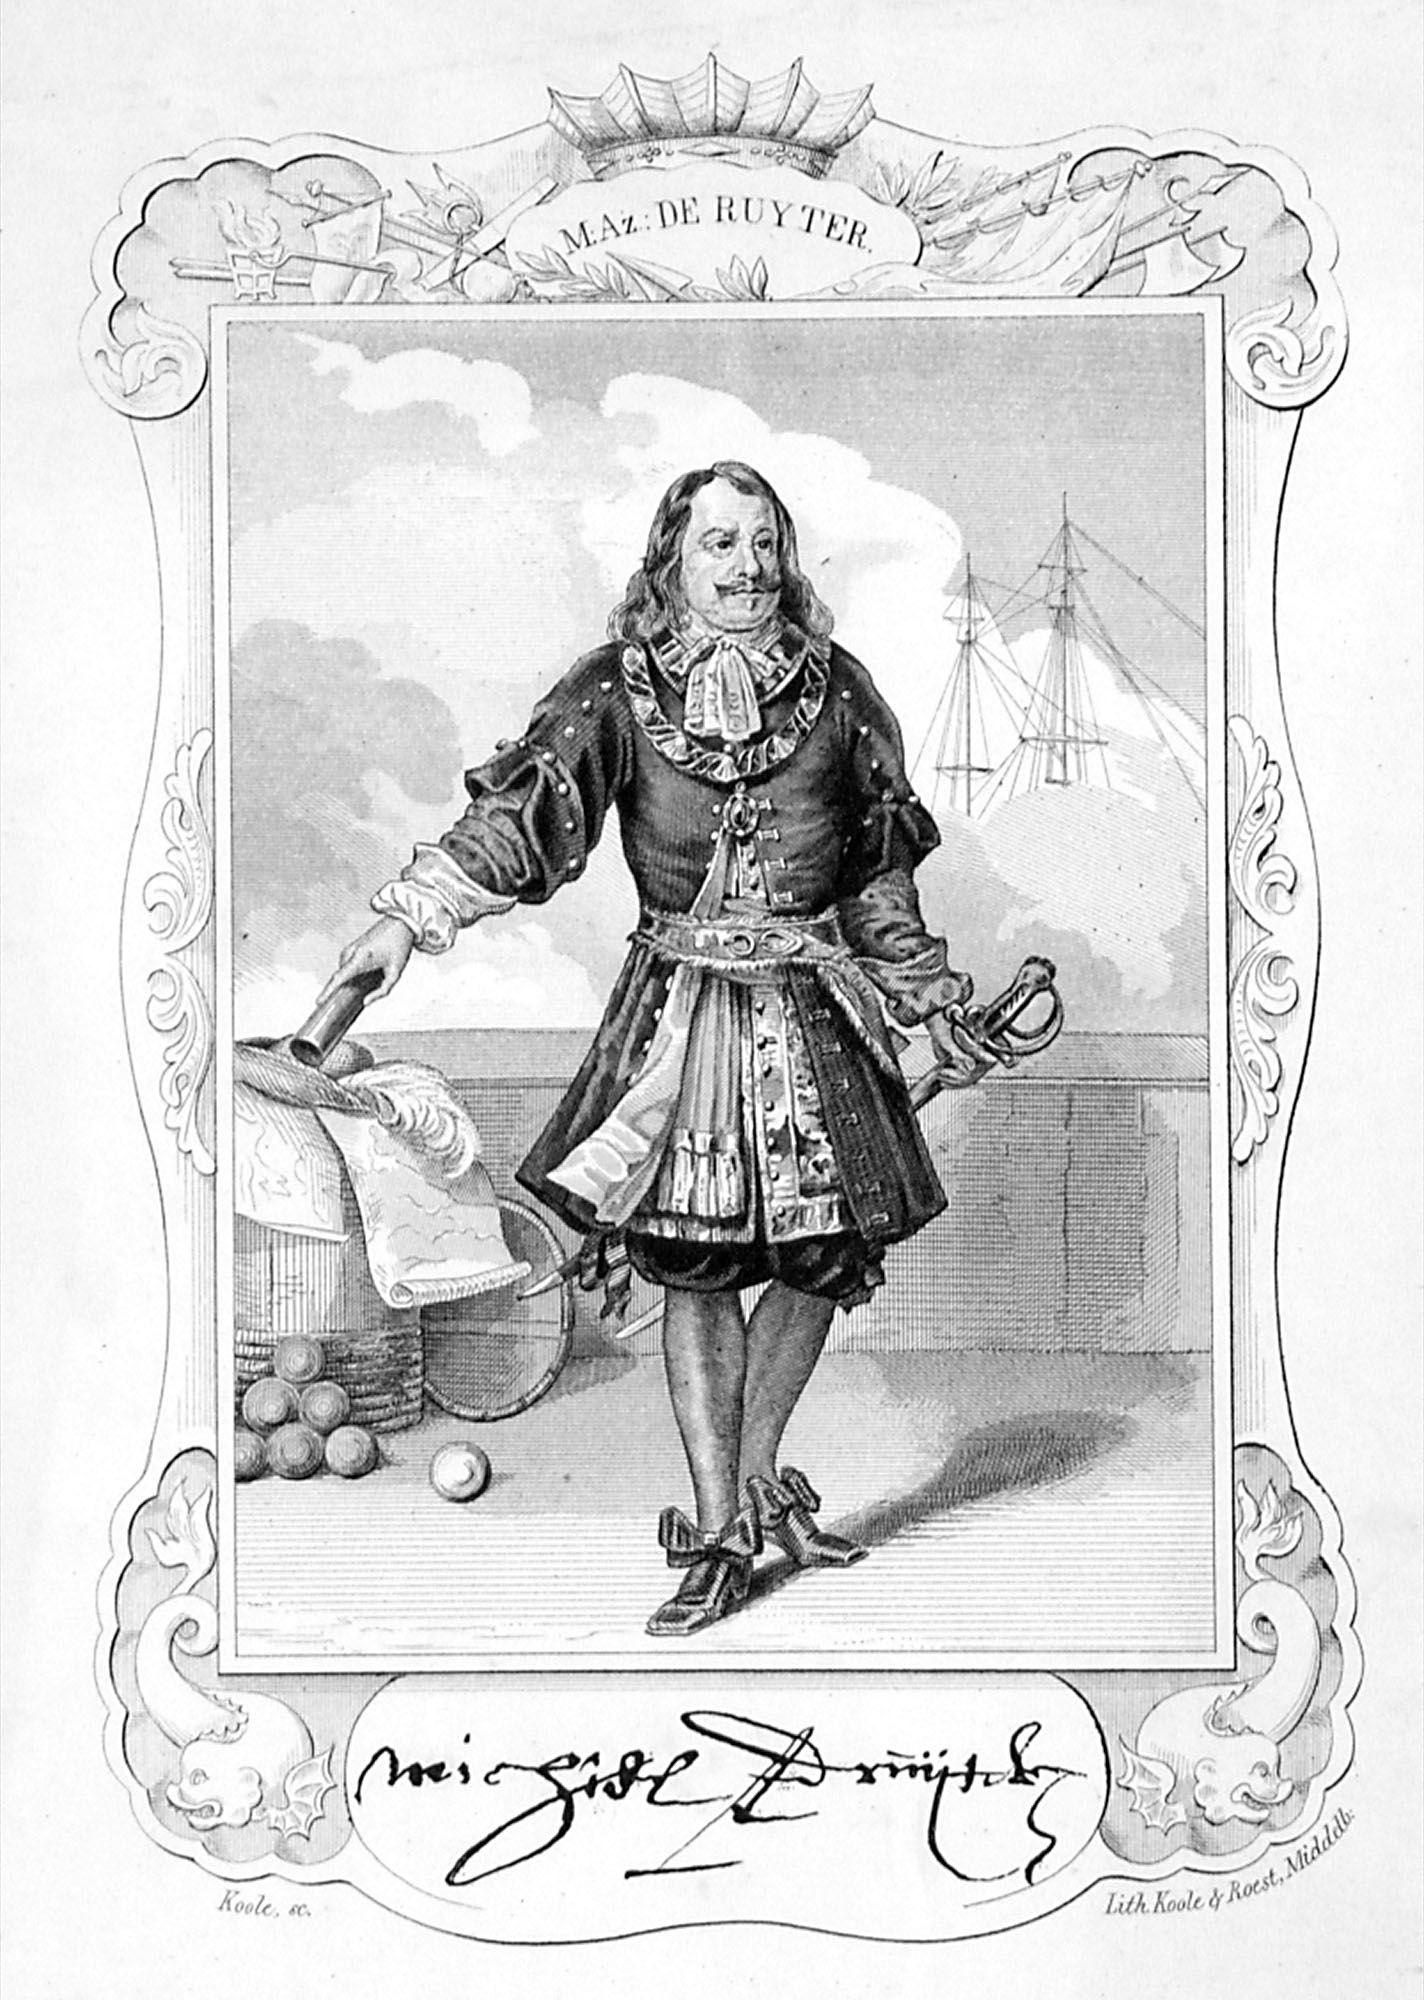 De Ruyter als luitenant-admiraal-generaal met facsimile van zijn handtekening. (Zeeuws Archief, collectie Zeeuws Genootschap, Zelandia Illustrata)